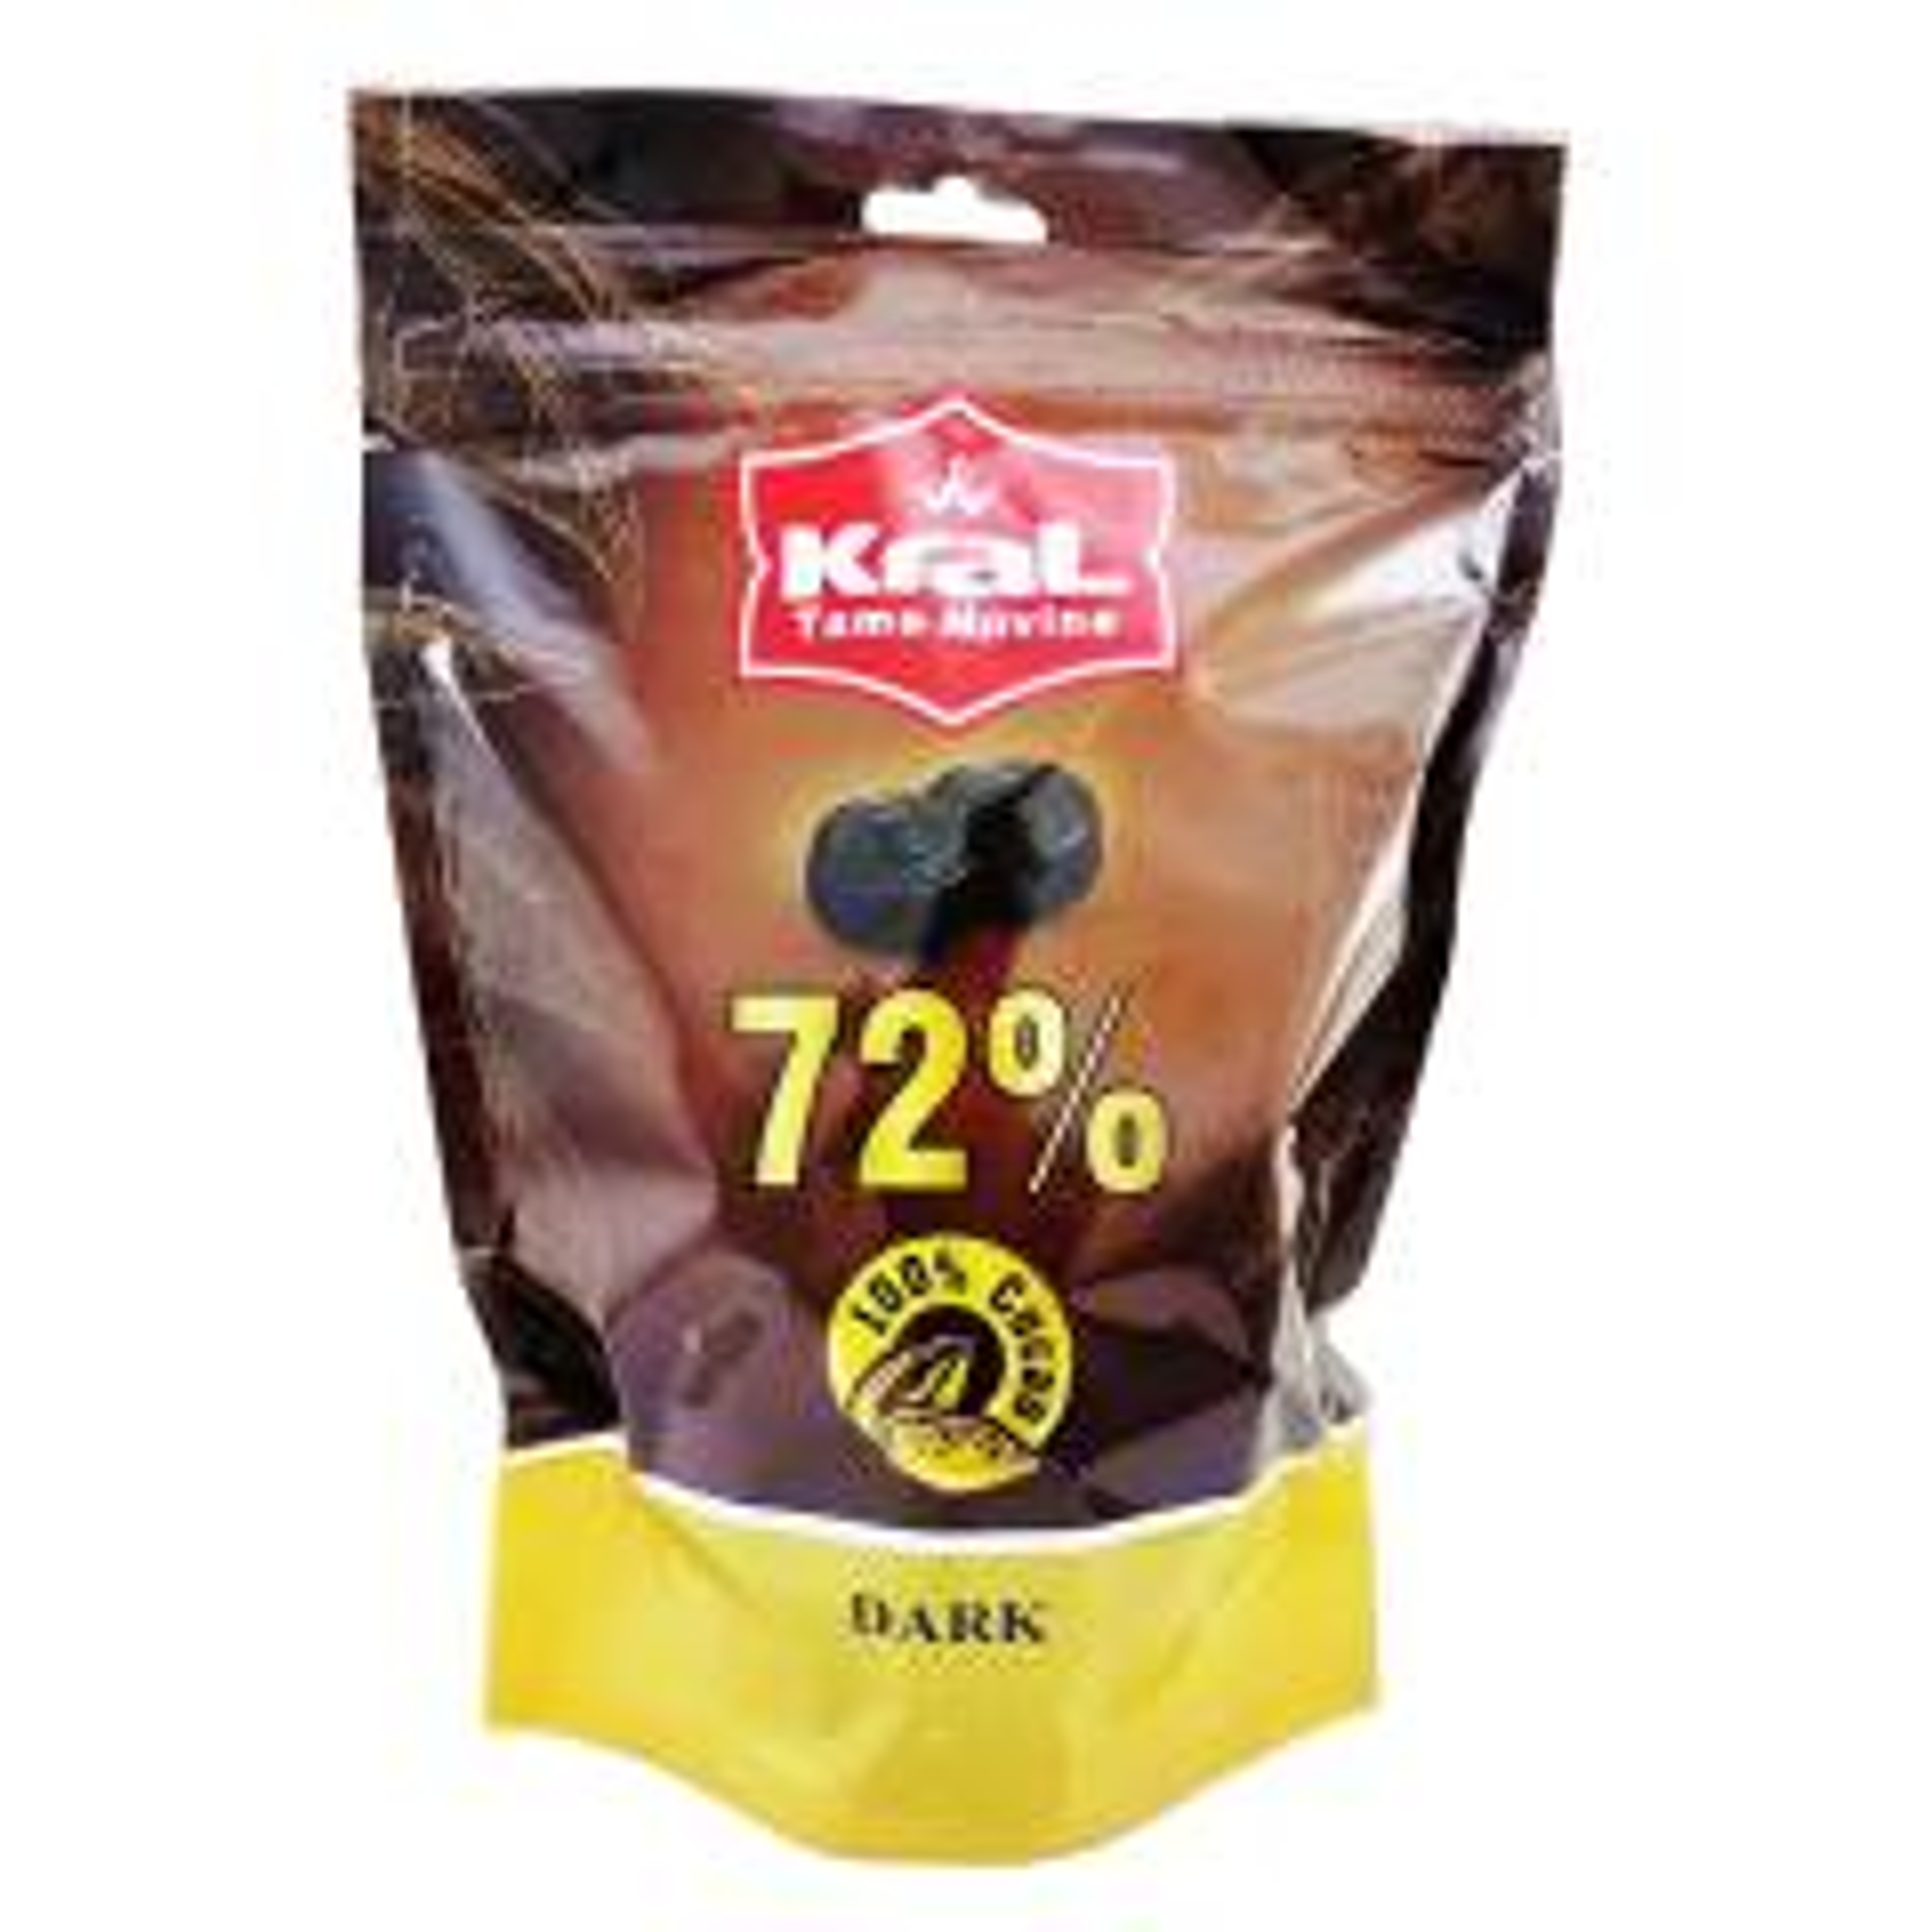 شکلات تلخ 72 درصد کرال مقدار 200 گرم